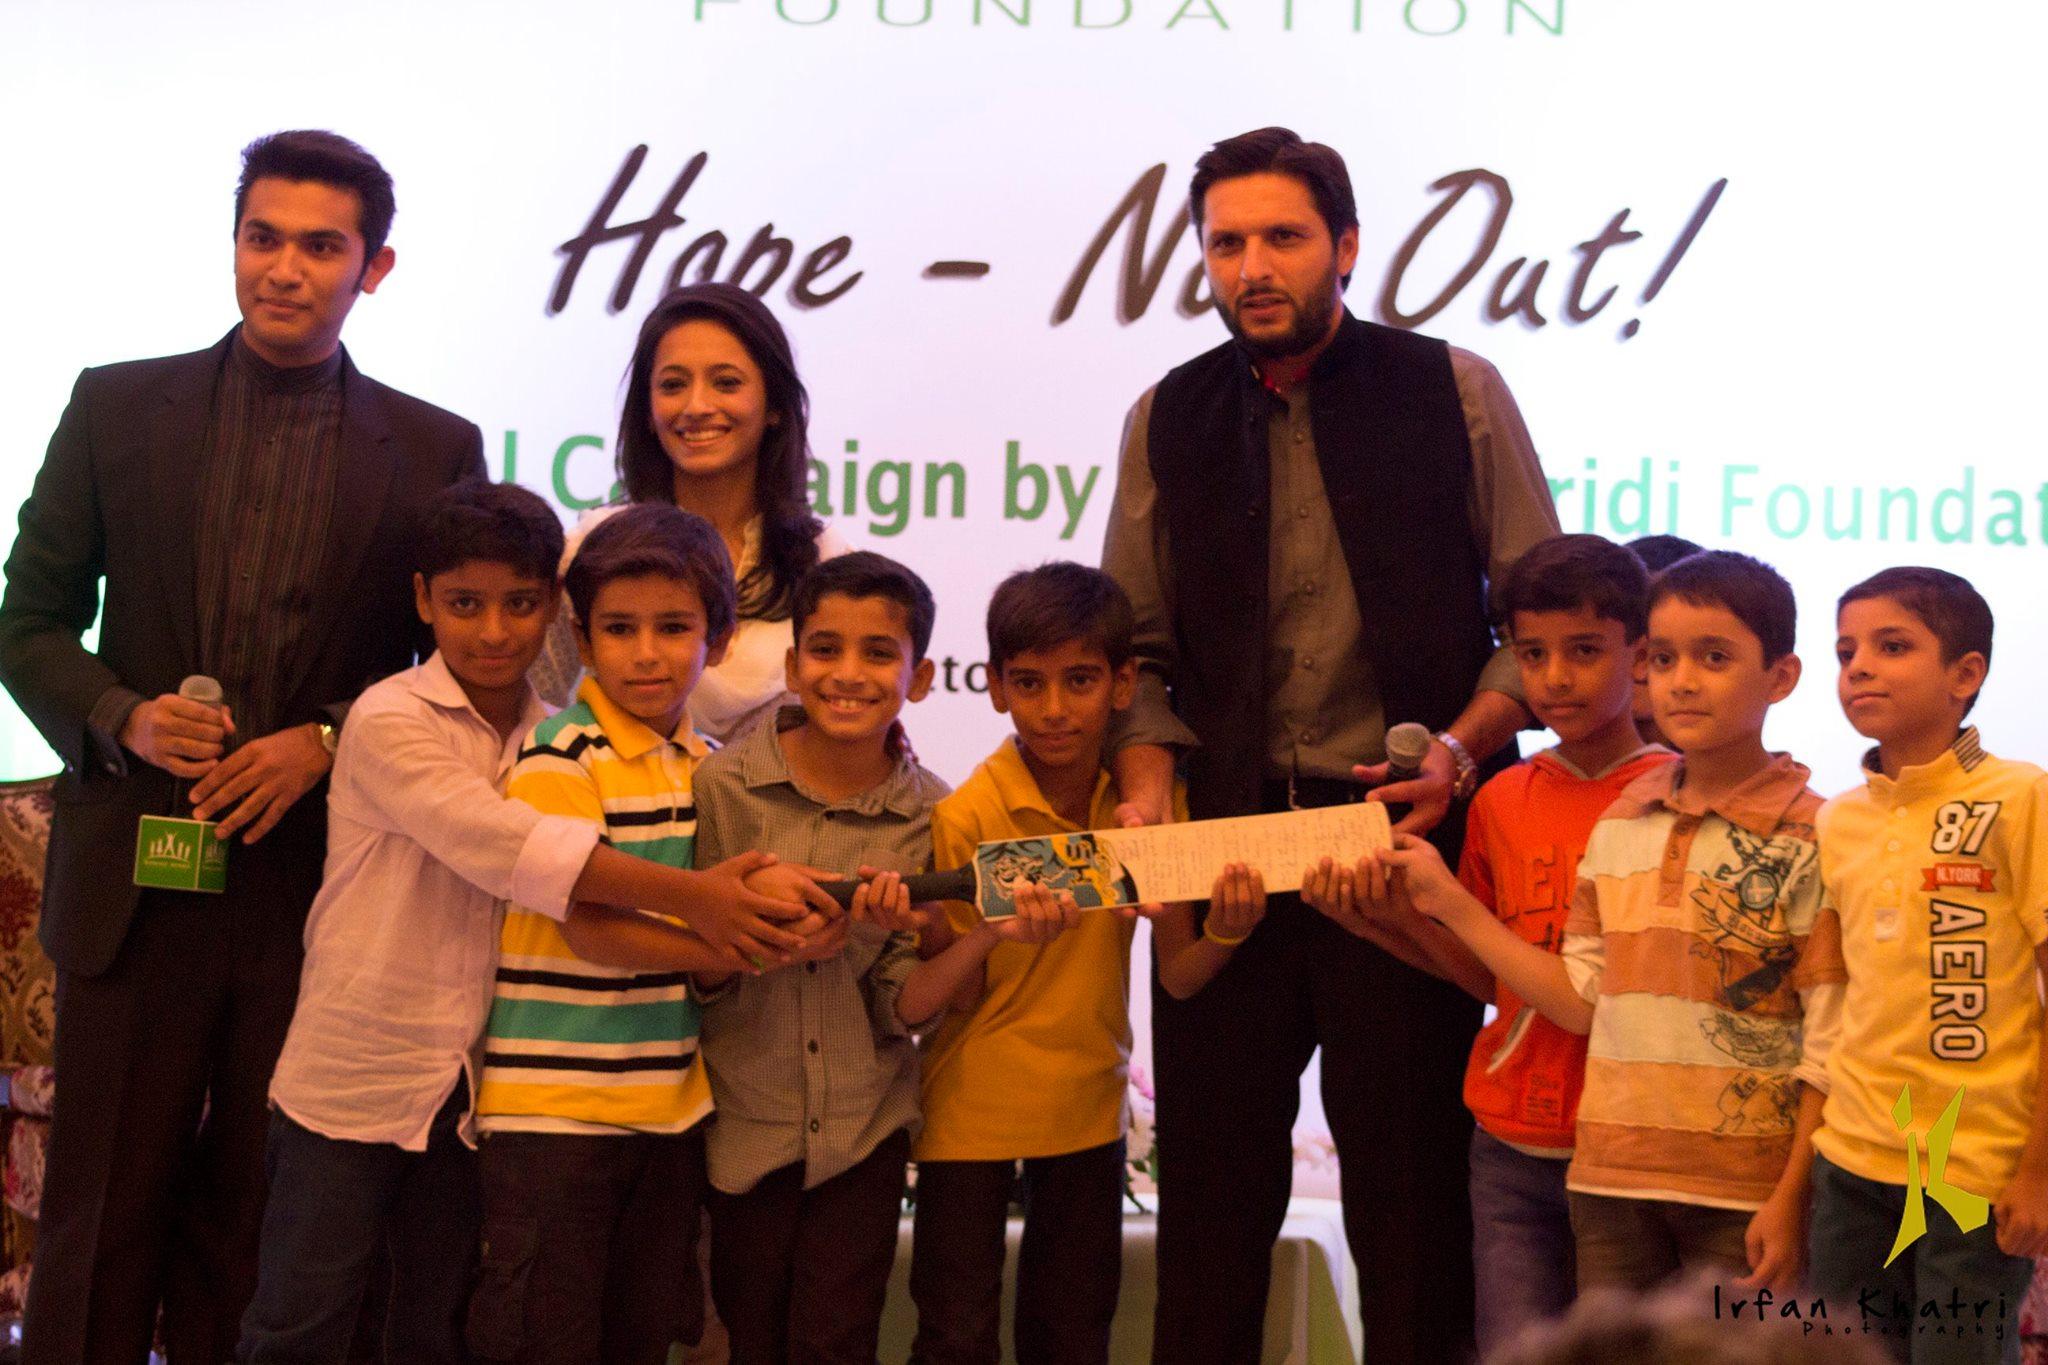 شاہد آفریدی کی نونہال شائقین کے ساتھ خصوصی تصویر (تصویر: عرفان کھتری)